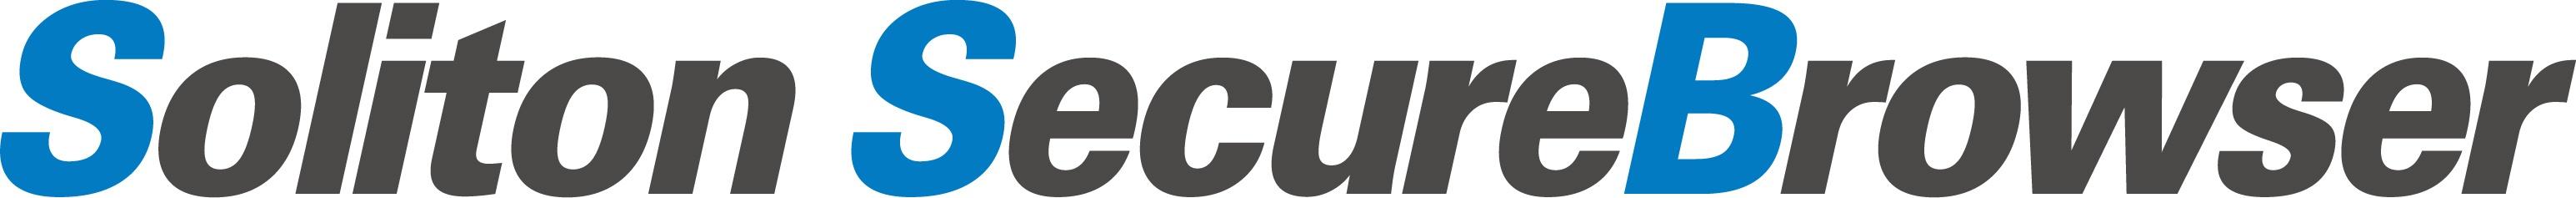 logo_SSB.jpg